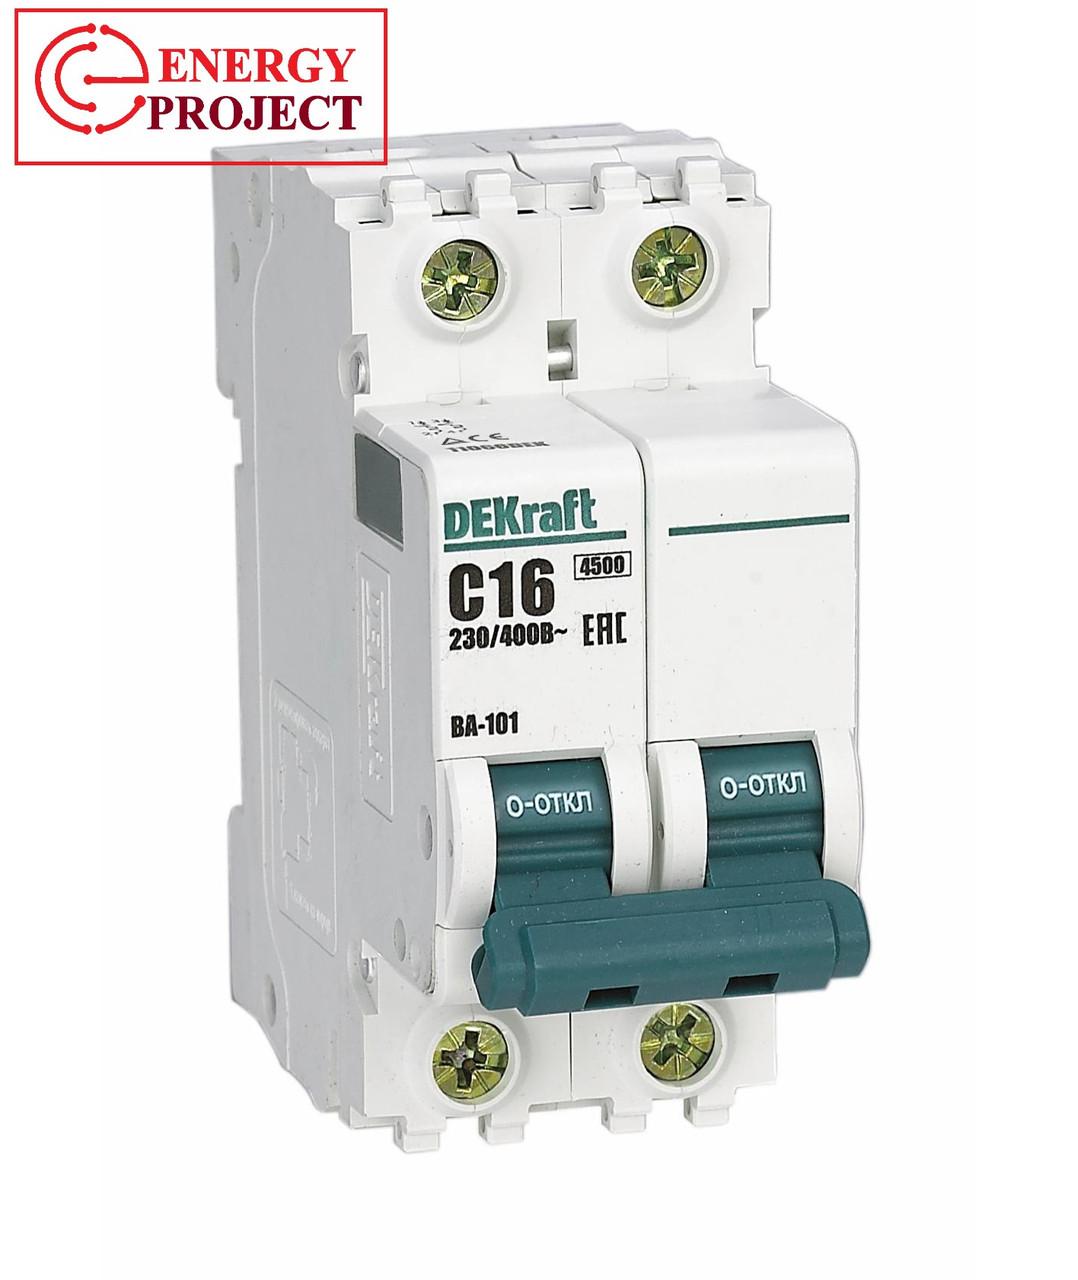 Автоматический выключатель ВА 101 3П 25А(48) Dekraft